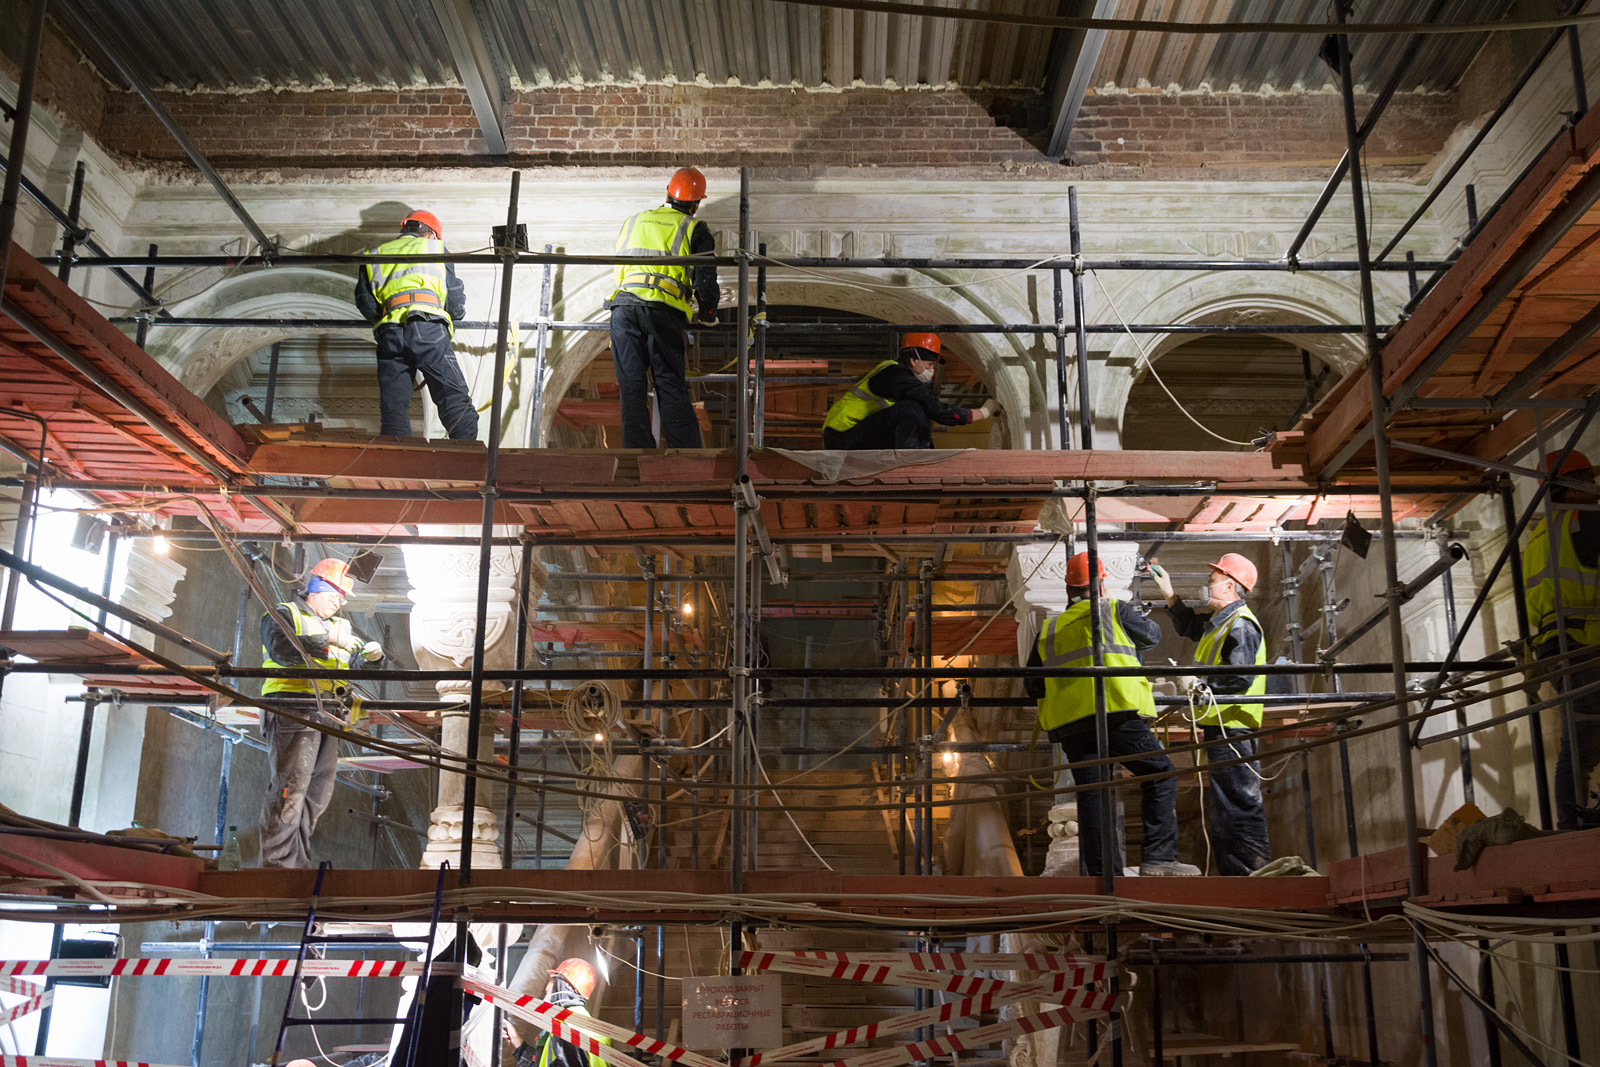 Как идёт реконструкция Политехнического музея? Часть 1 - 30